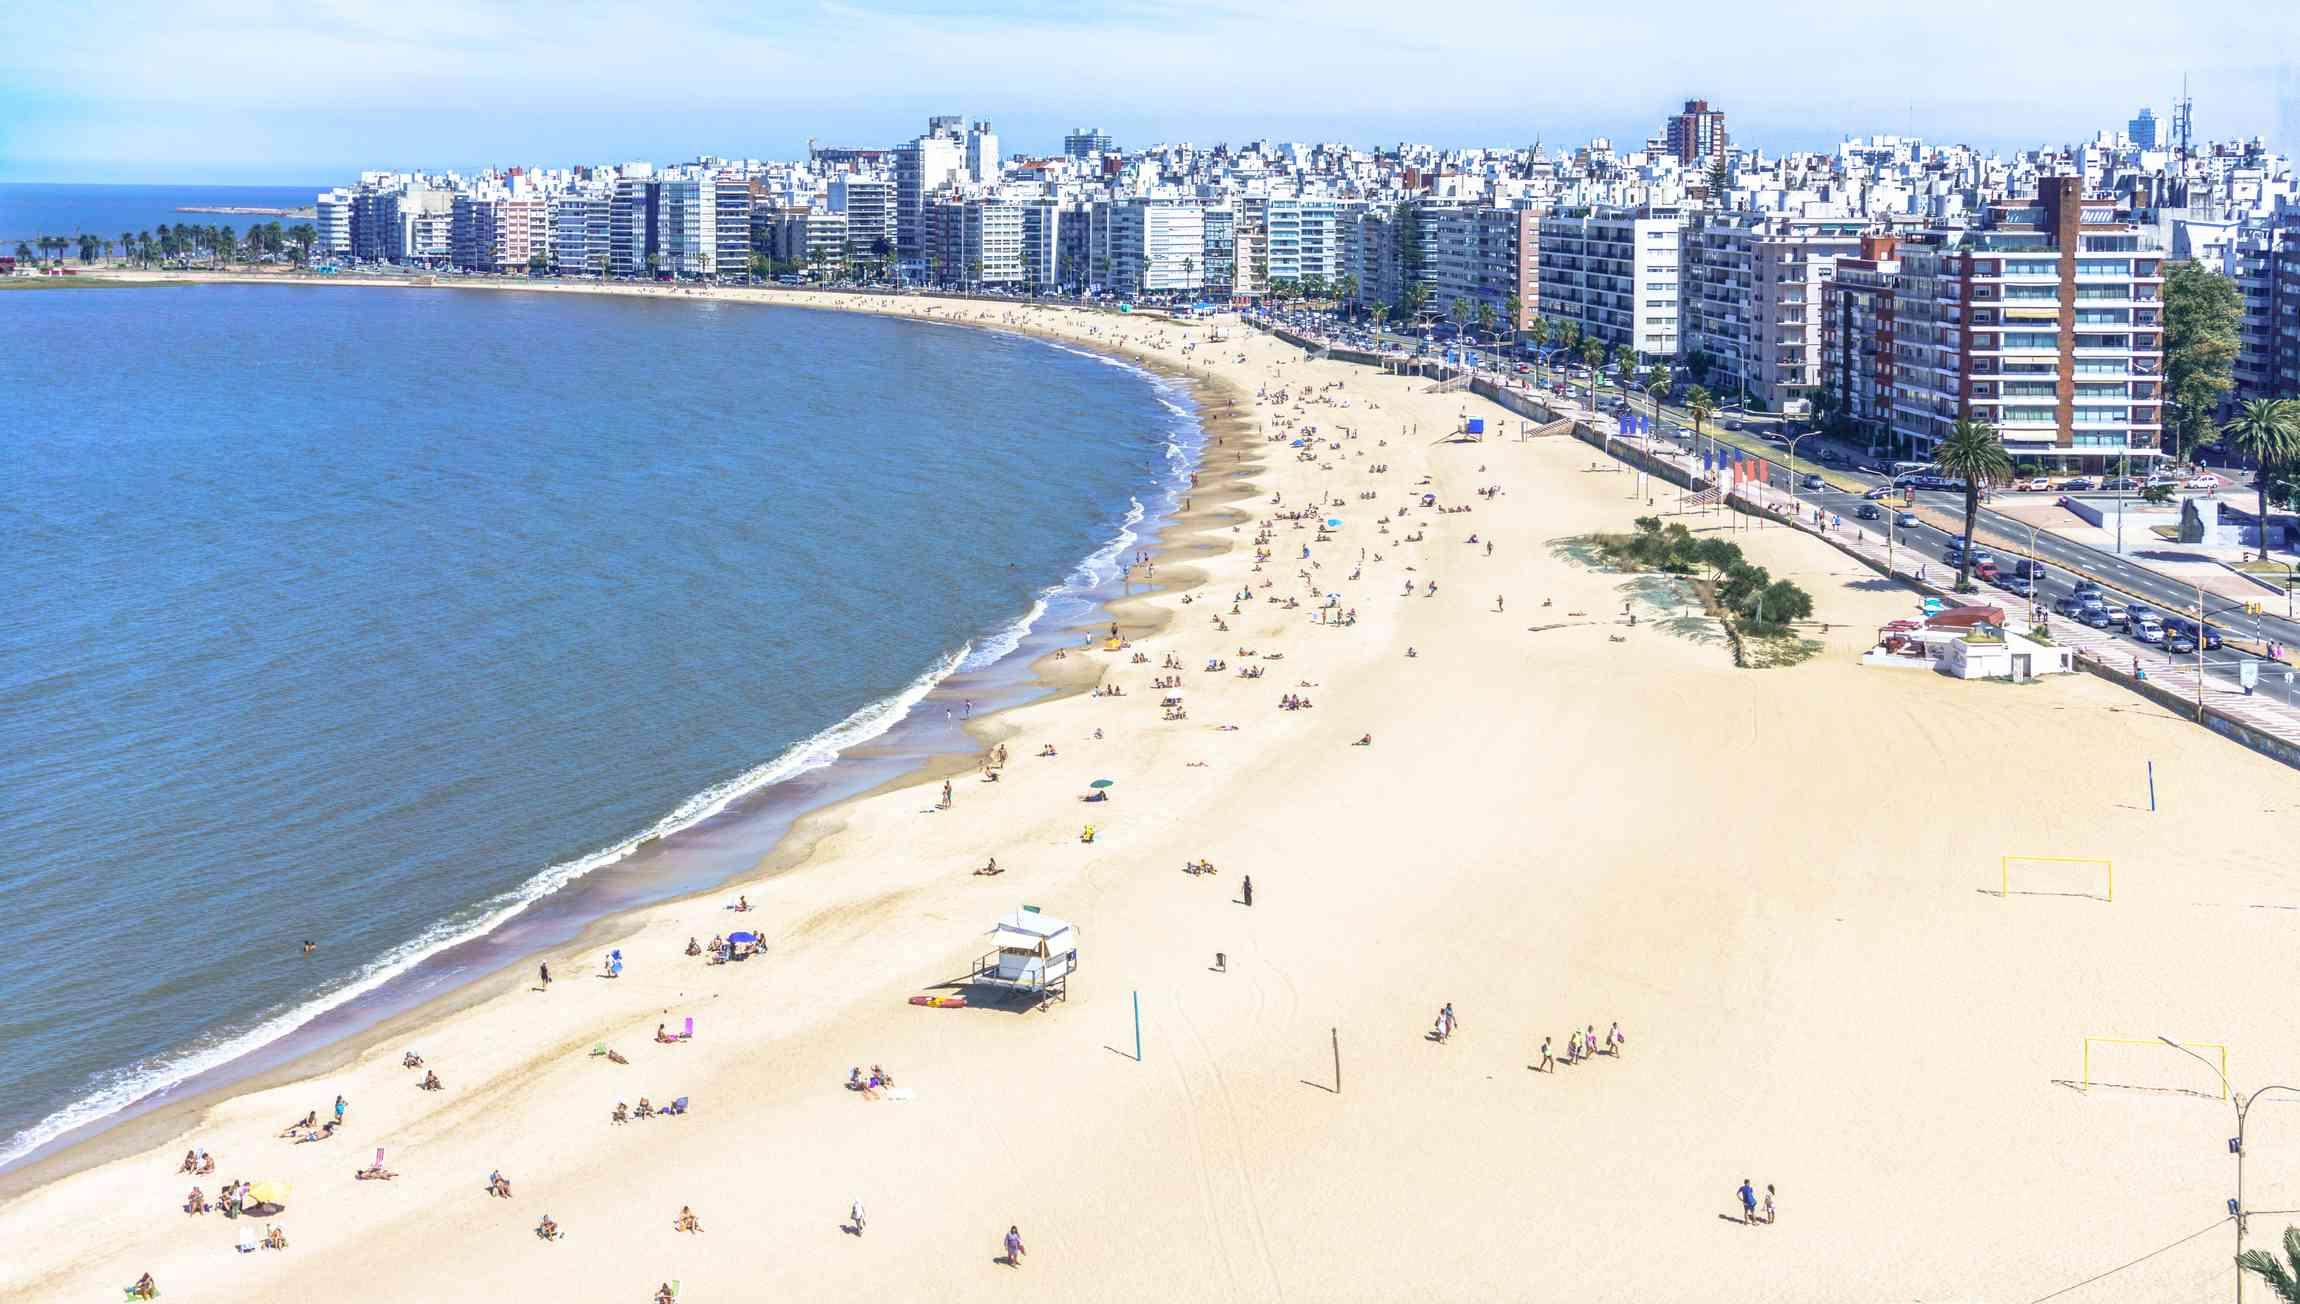 High angle view of Pocitos beach, Montevideo, Uruguay